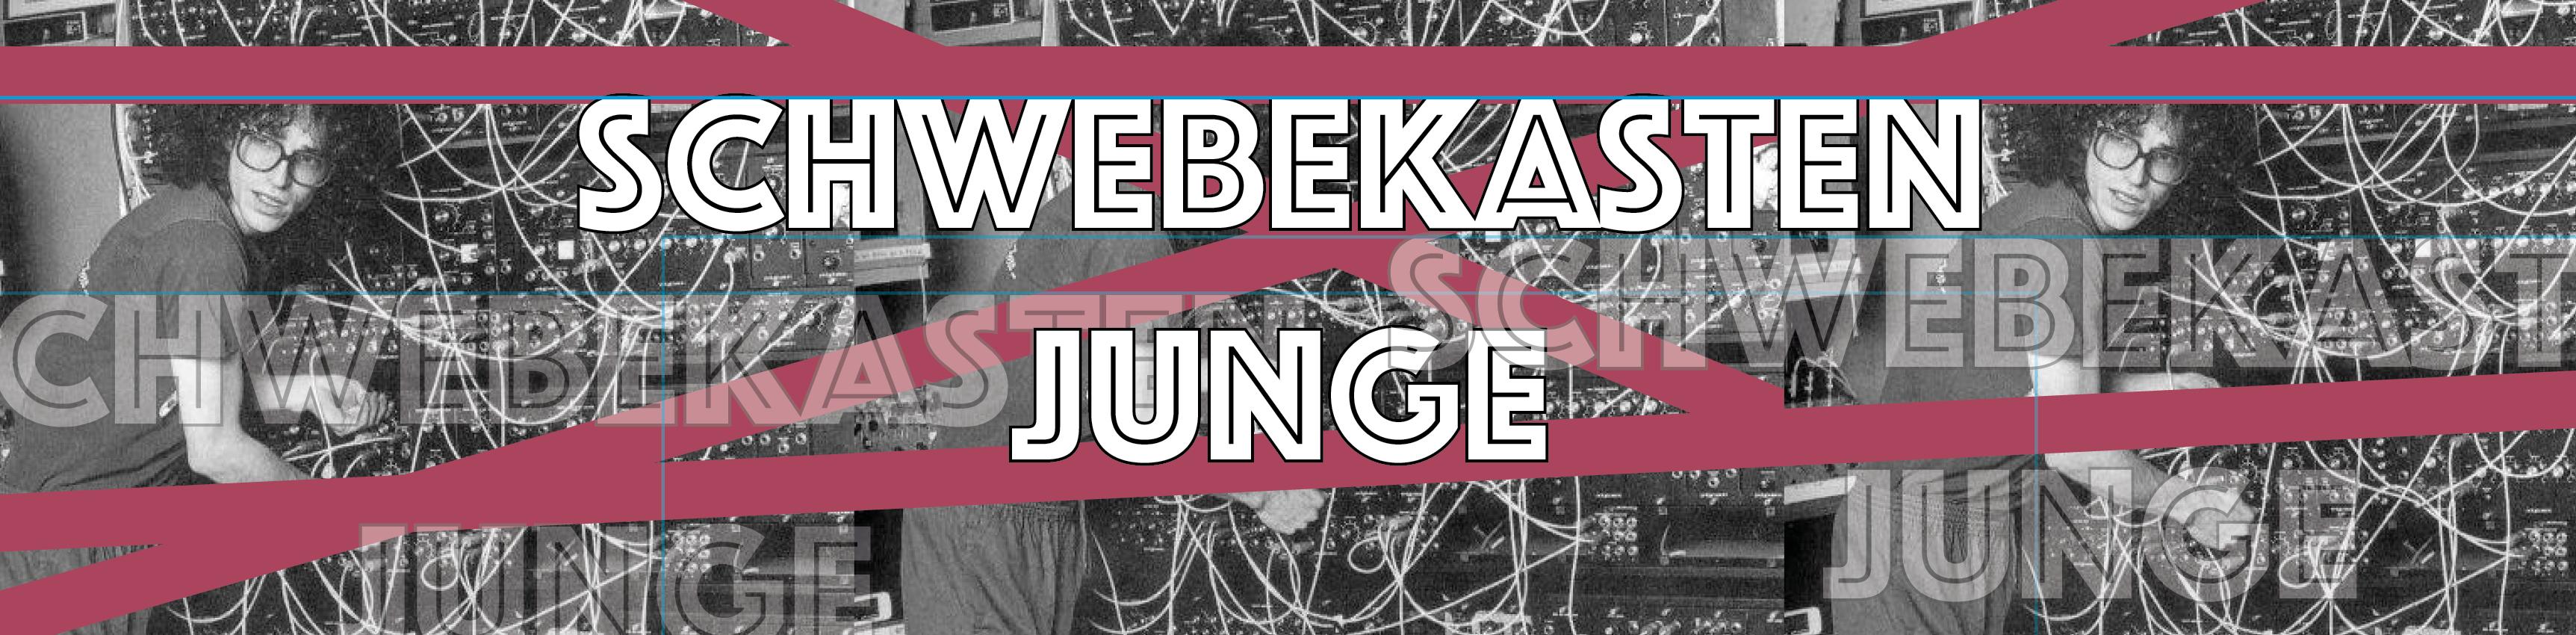 Schwebi WEb1